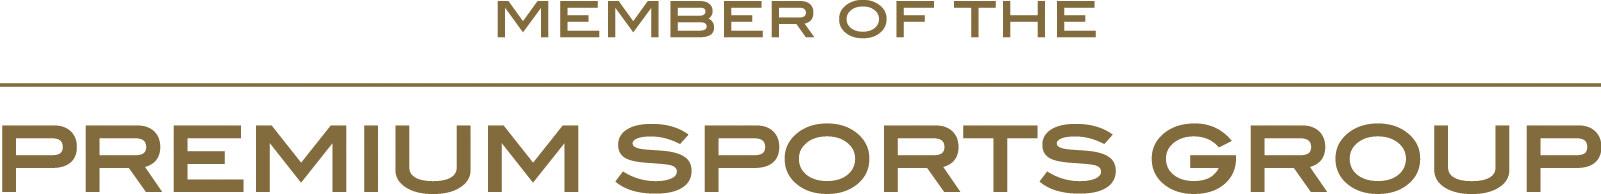 Premium Sports Group Member